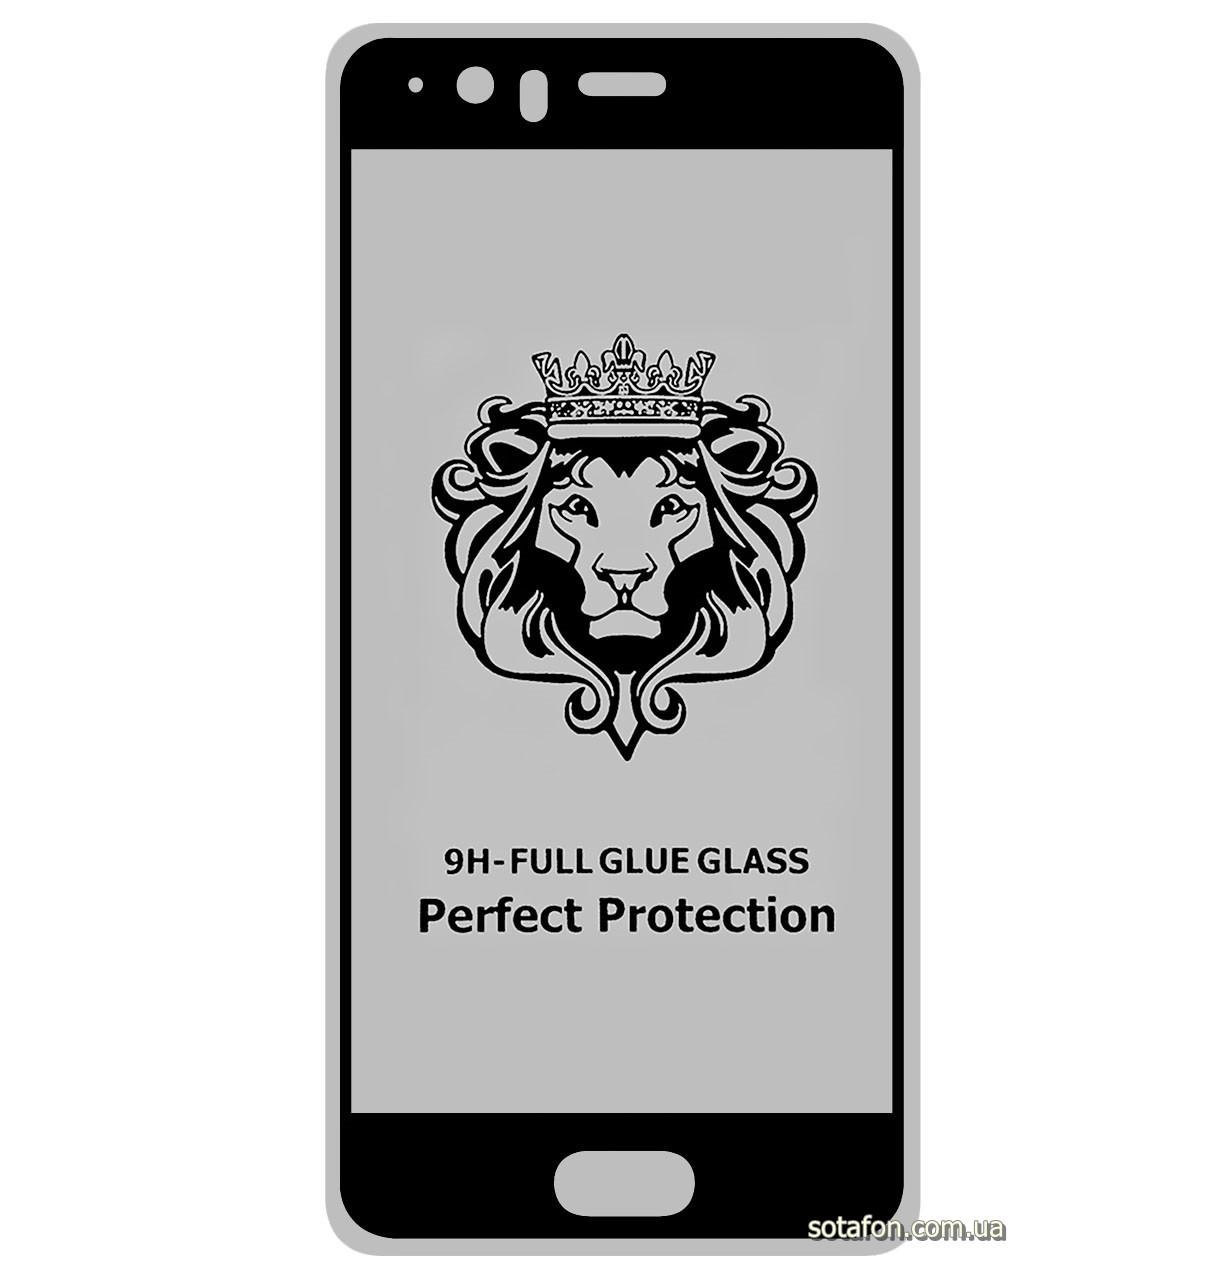 Защитное стекло 5D Full Glue для Huawei P10 Plus Black (Screen Protector 0,3 мм)